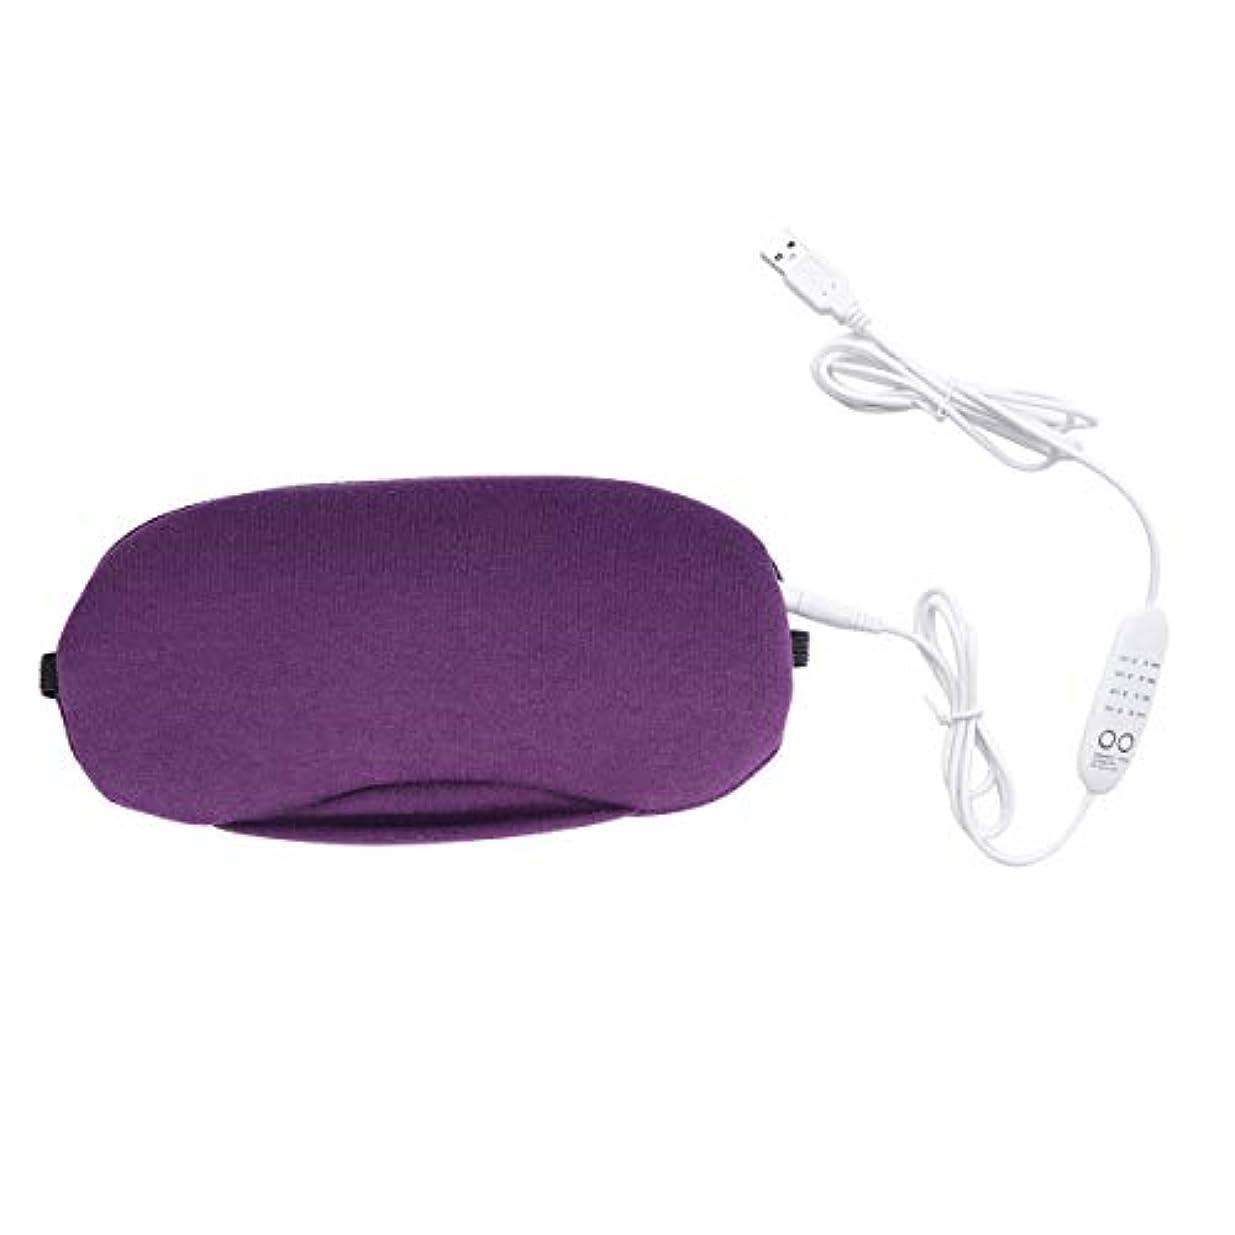 土一般化するアストロラーベ不眠症を和らげるためのHealifty USBスチームアイマスク目隠しホットコンプレッションアイシールドドライアイ疲労(紫色)